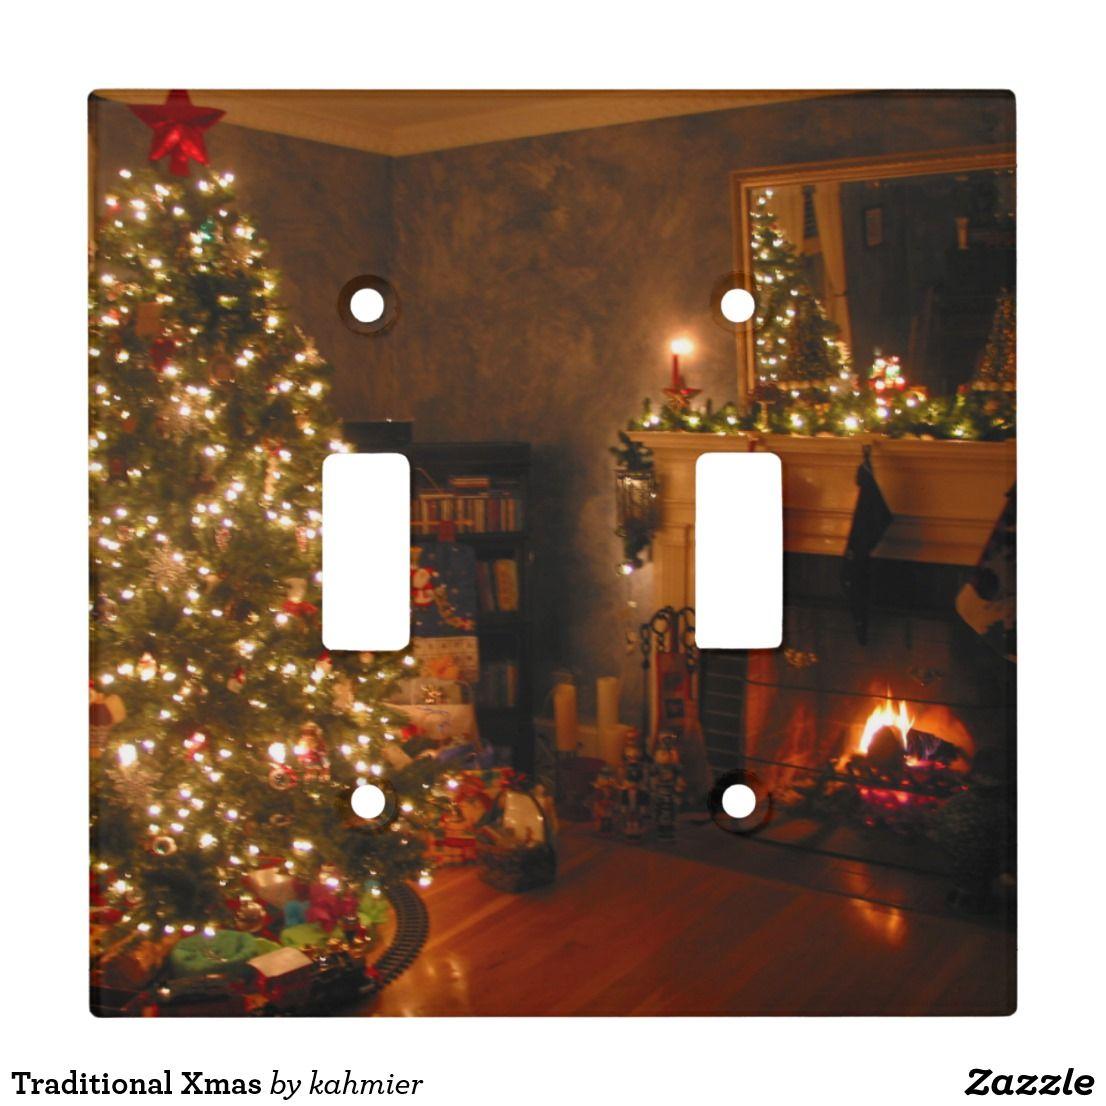 Traditional Xmas Light Switch Cover Zazzle Com Christmas